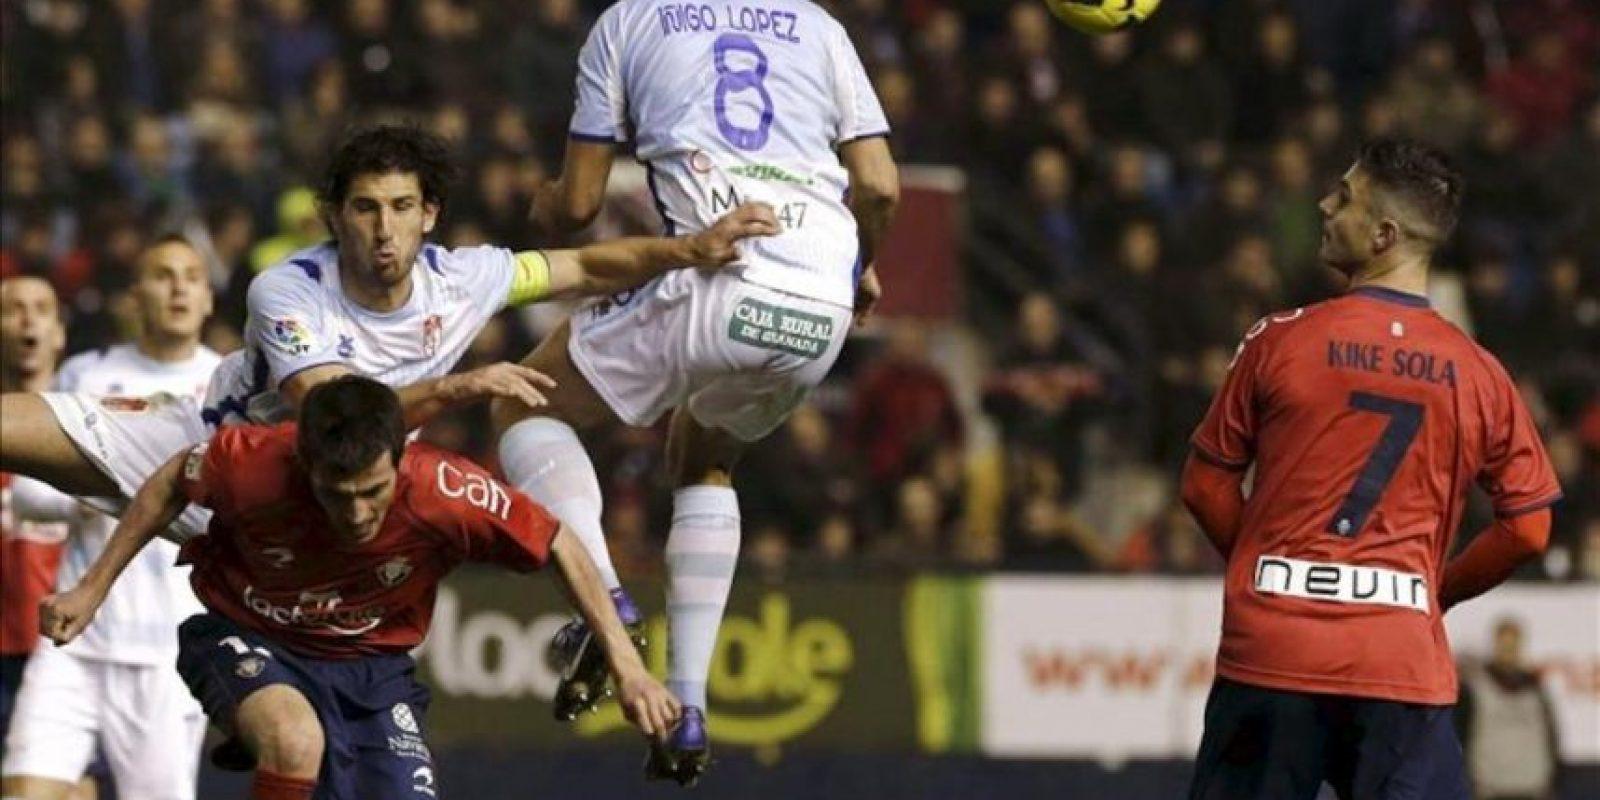 Los jugadores de Osasuna, Llorente (i) y Kike Sola (d), disputan un balón ante los jugadores del Granada, Mainz (i arriba) e Iñigo López, durante el encuentro correspondiente a la decimoséptima jornada de primera división, que han disputado en el Estadio Reyno de Navarra, en Pamplona. EFE